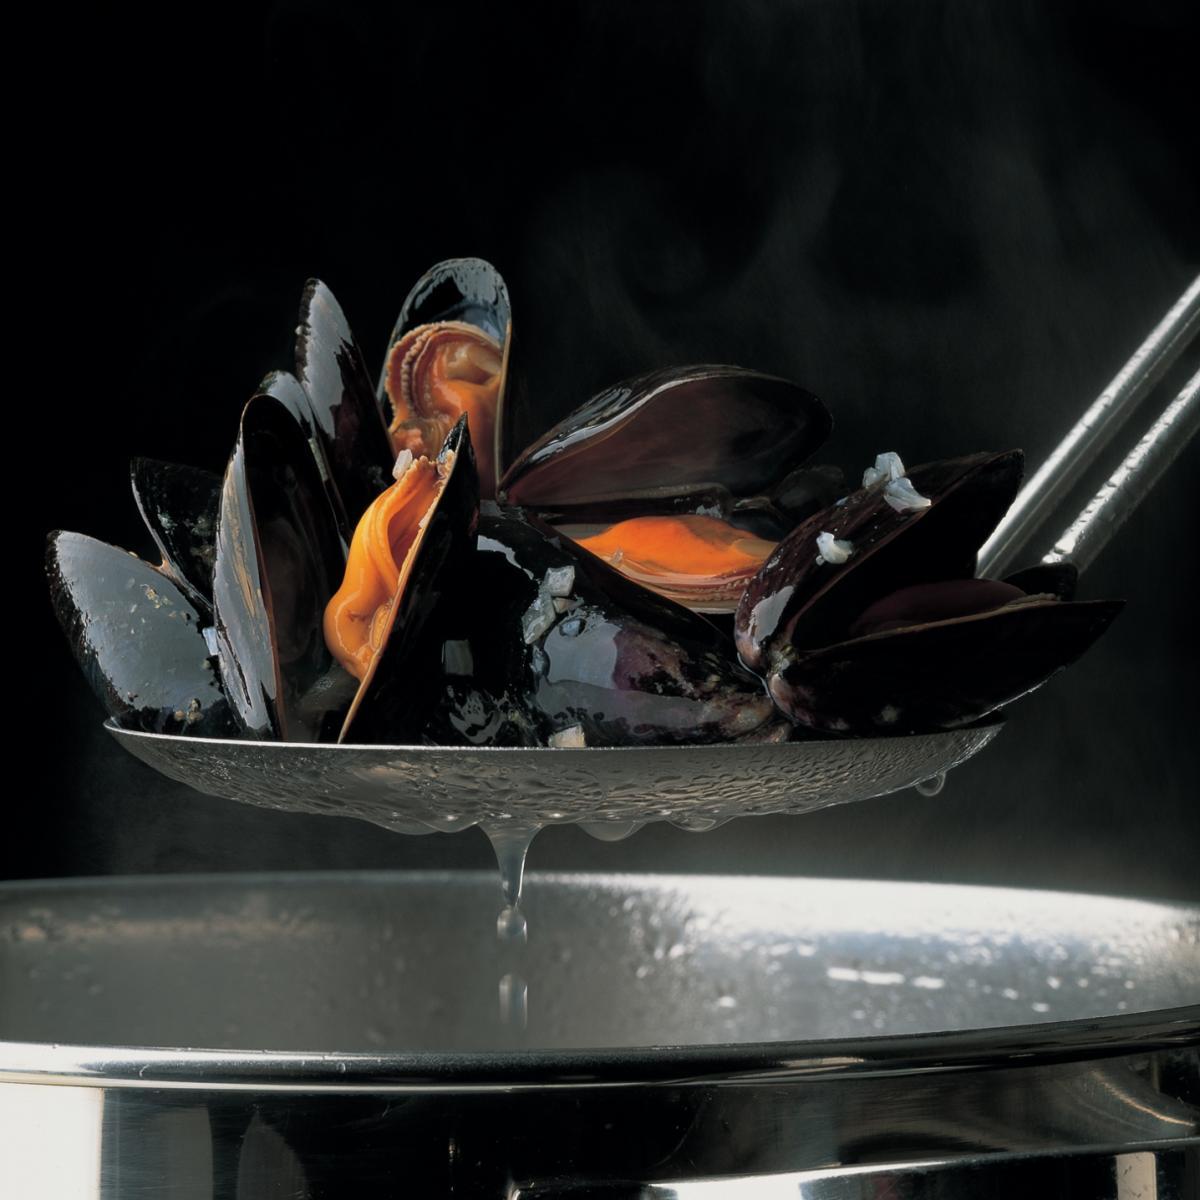 Soup mussel and saffron soup